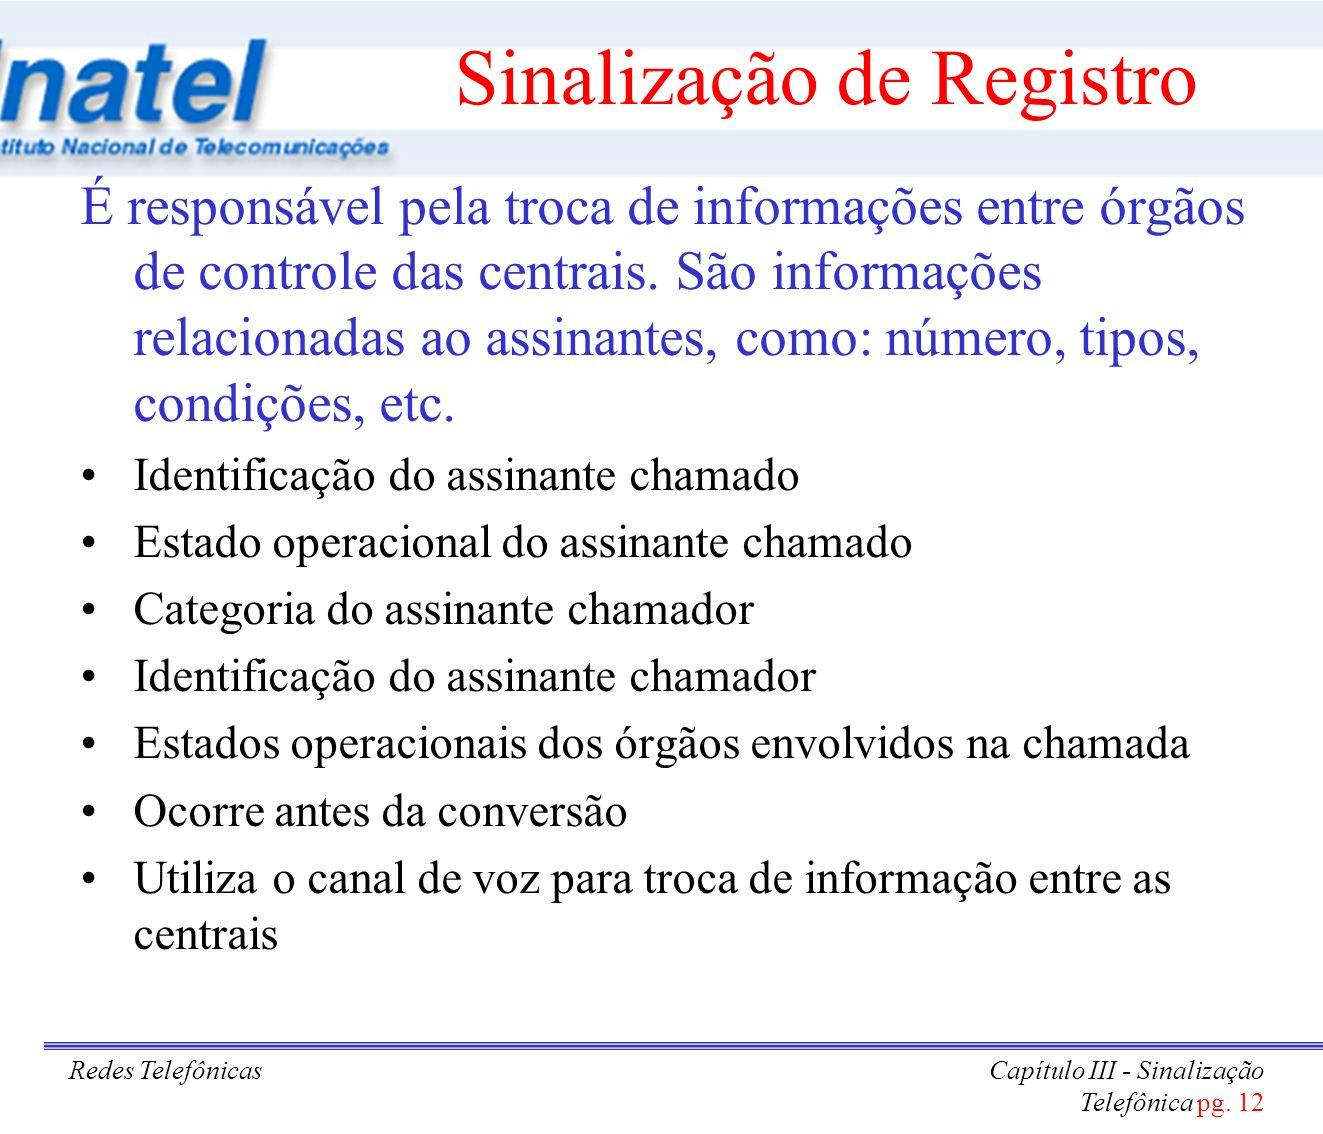 Redes TelefônicasCapítulo III - Sinalização Telefônica pg. 12 Sinalização de Registro É responsável pela troca de informações entre órgãos de controle